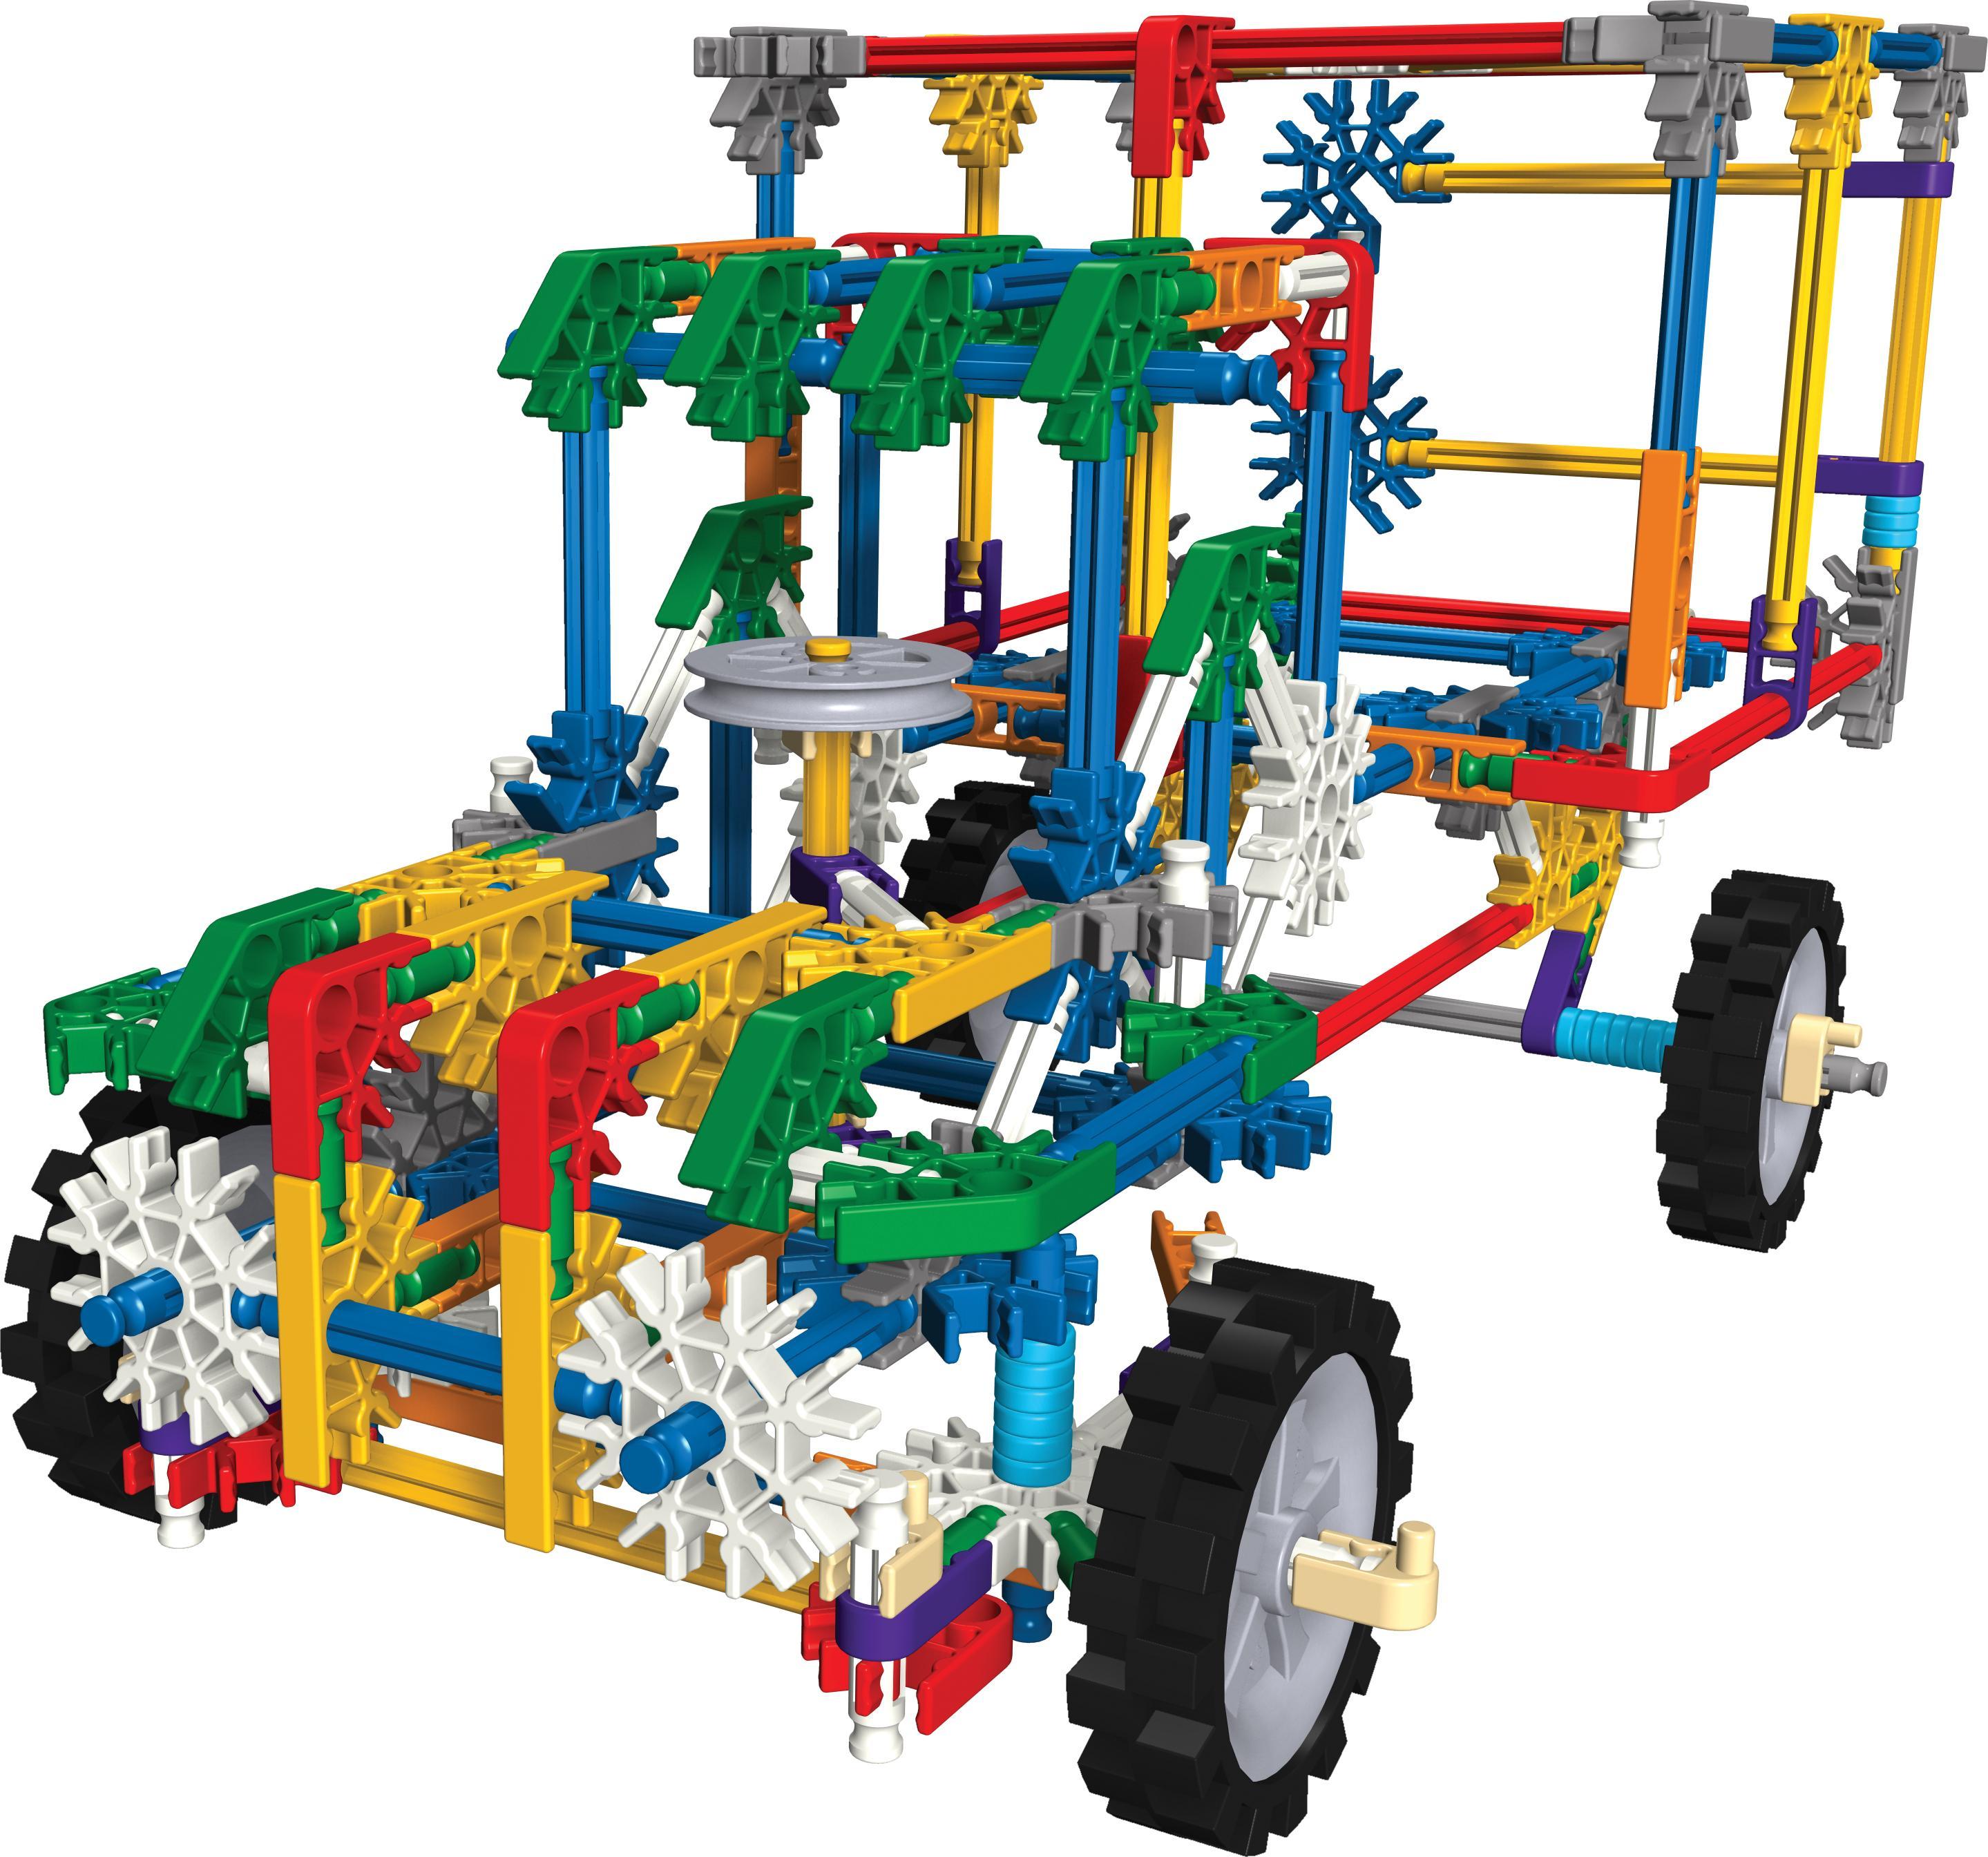 Construction Toys Sets : Amazon k nex piece deluxe building set toys games